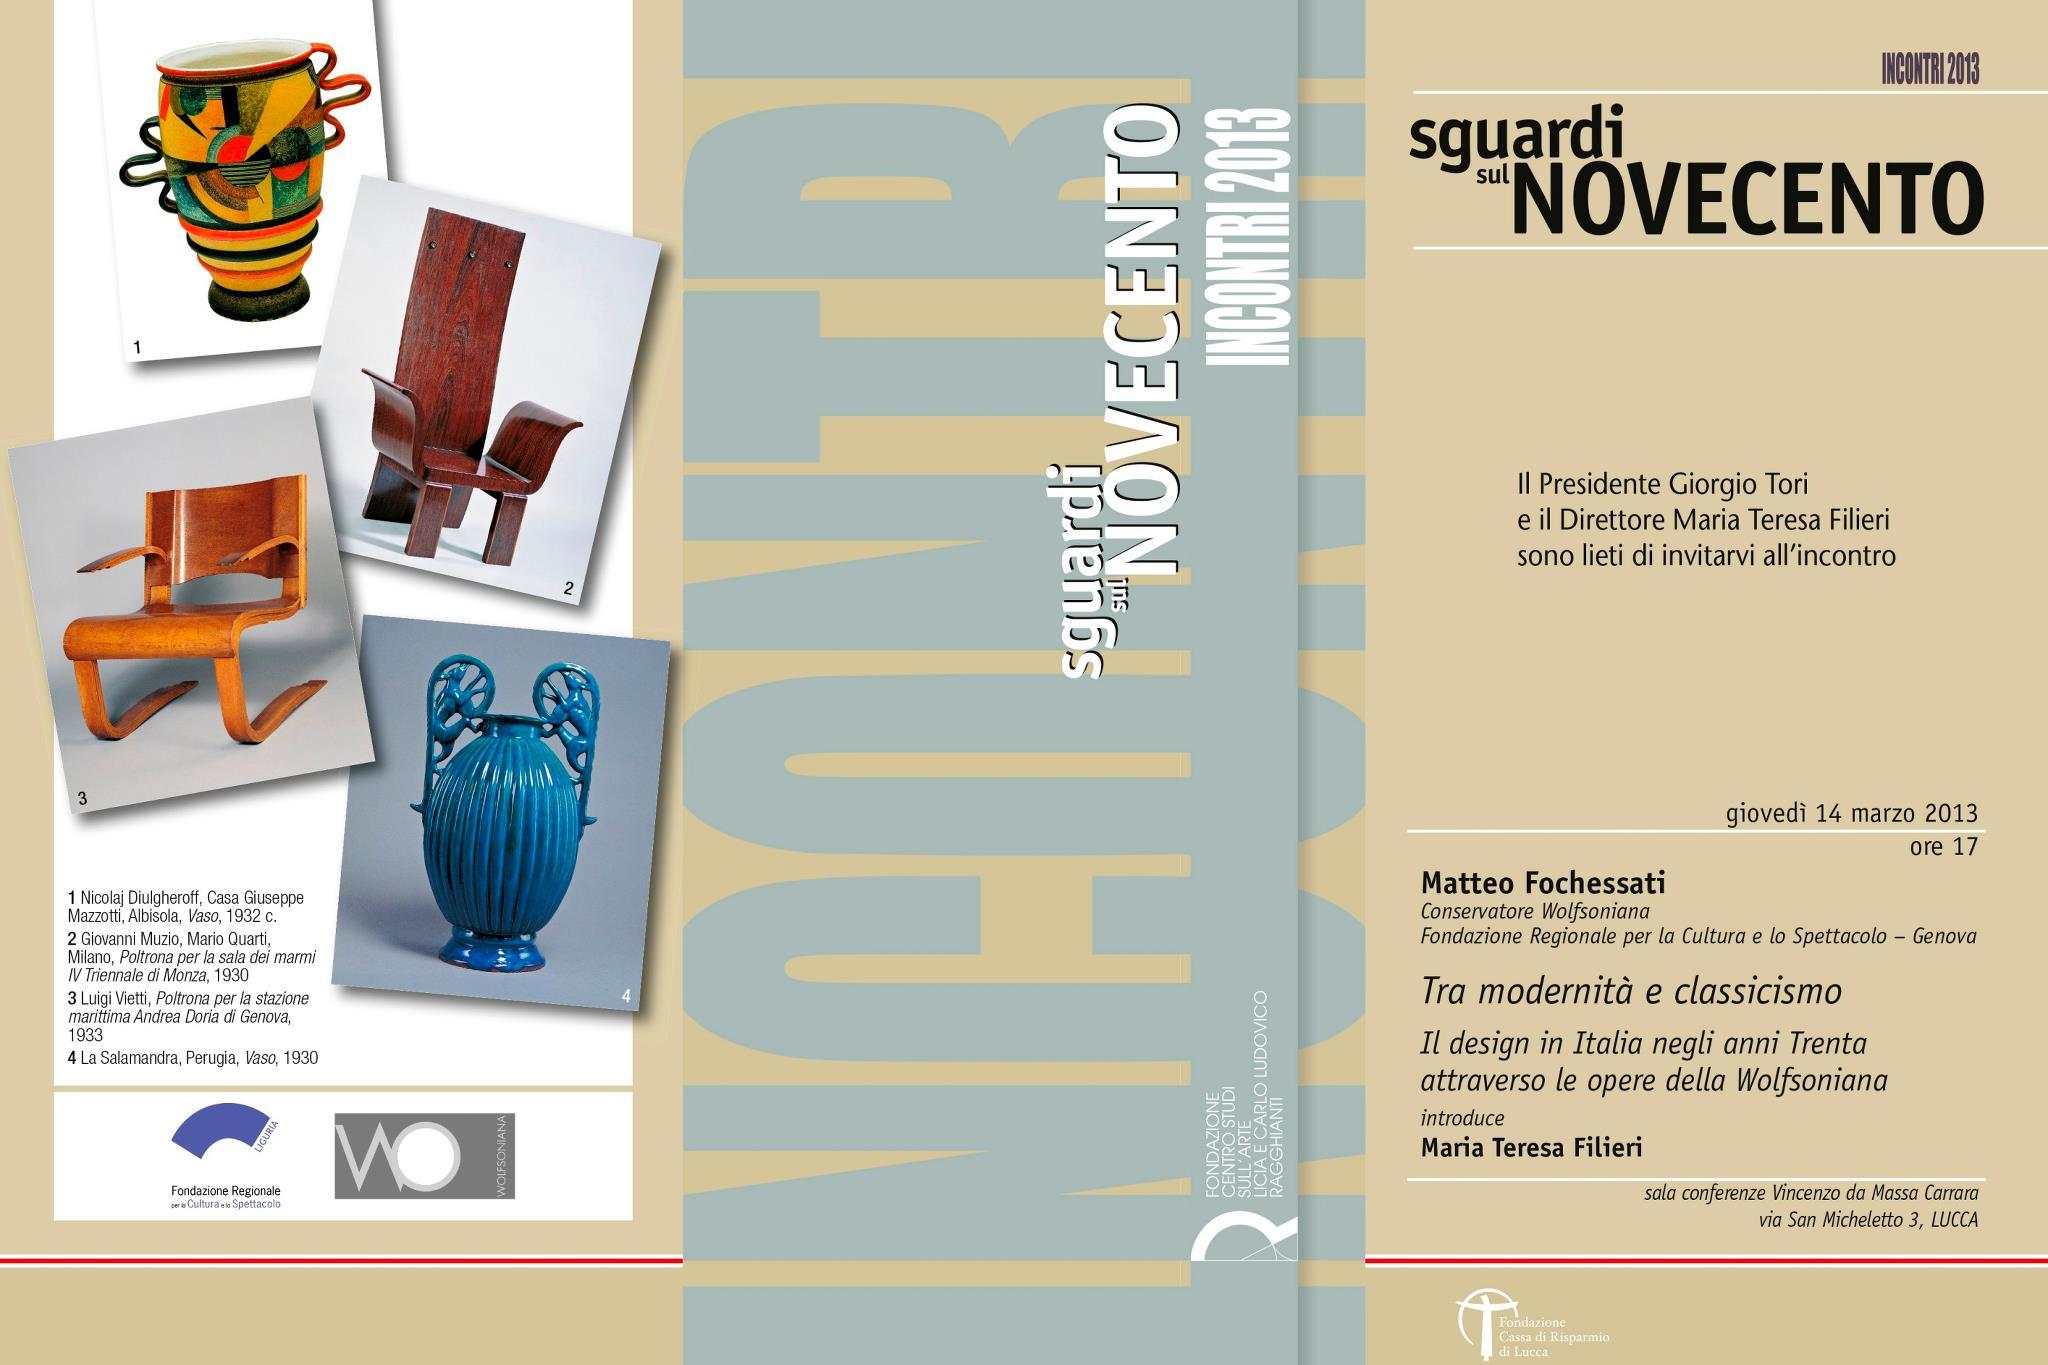 032013_modernità-e-classicismo01